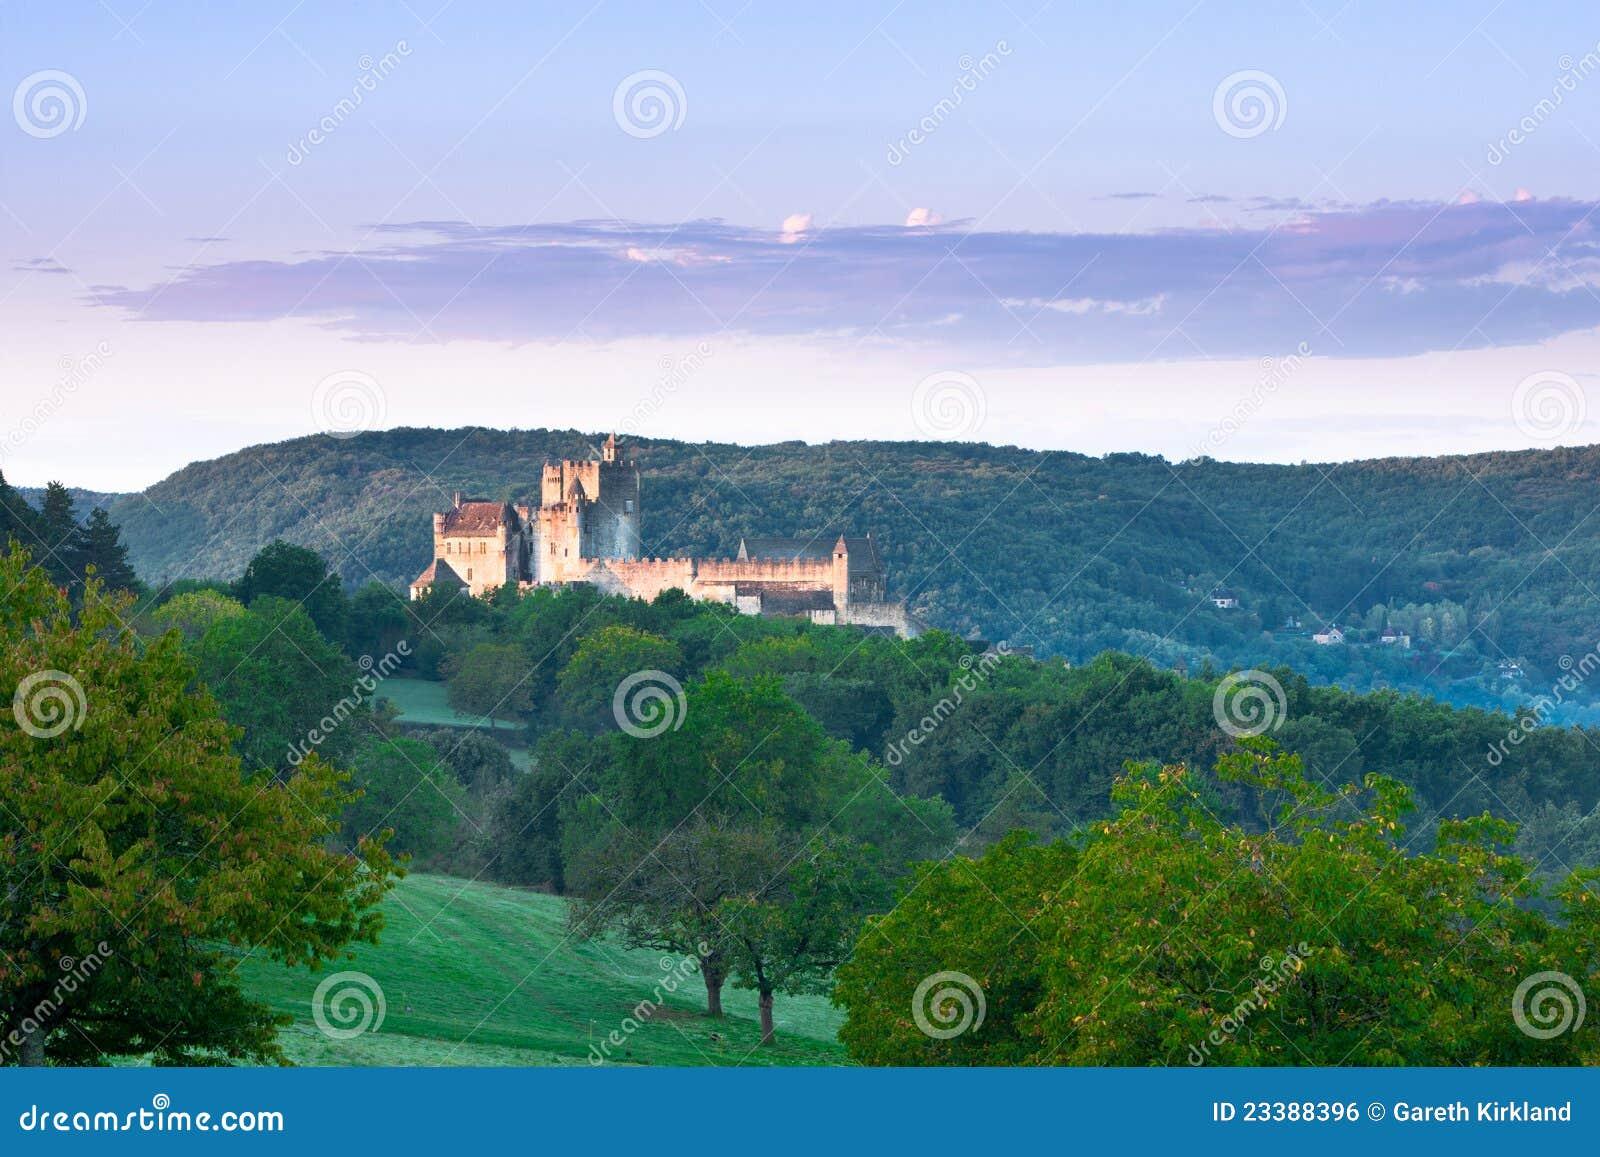 Chateaux Beynac